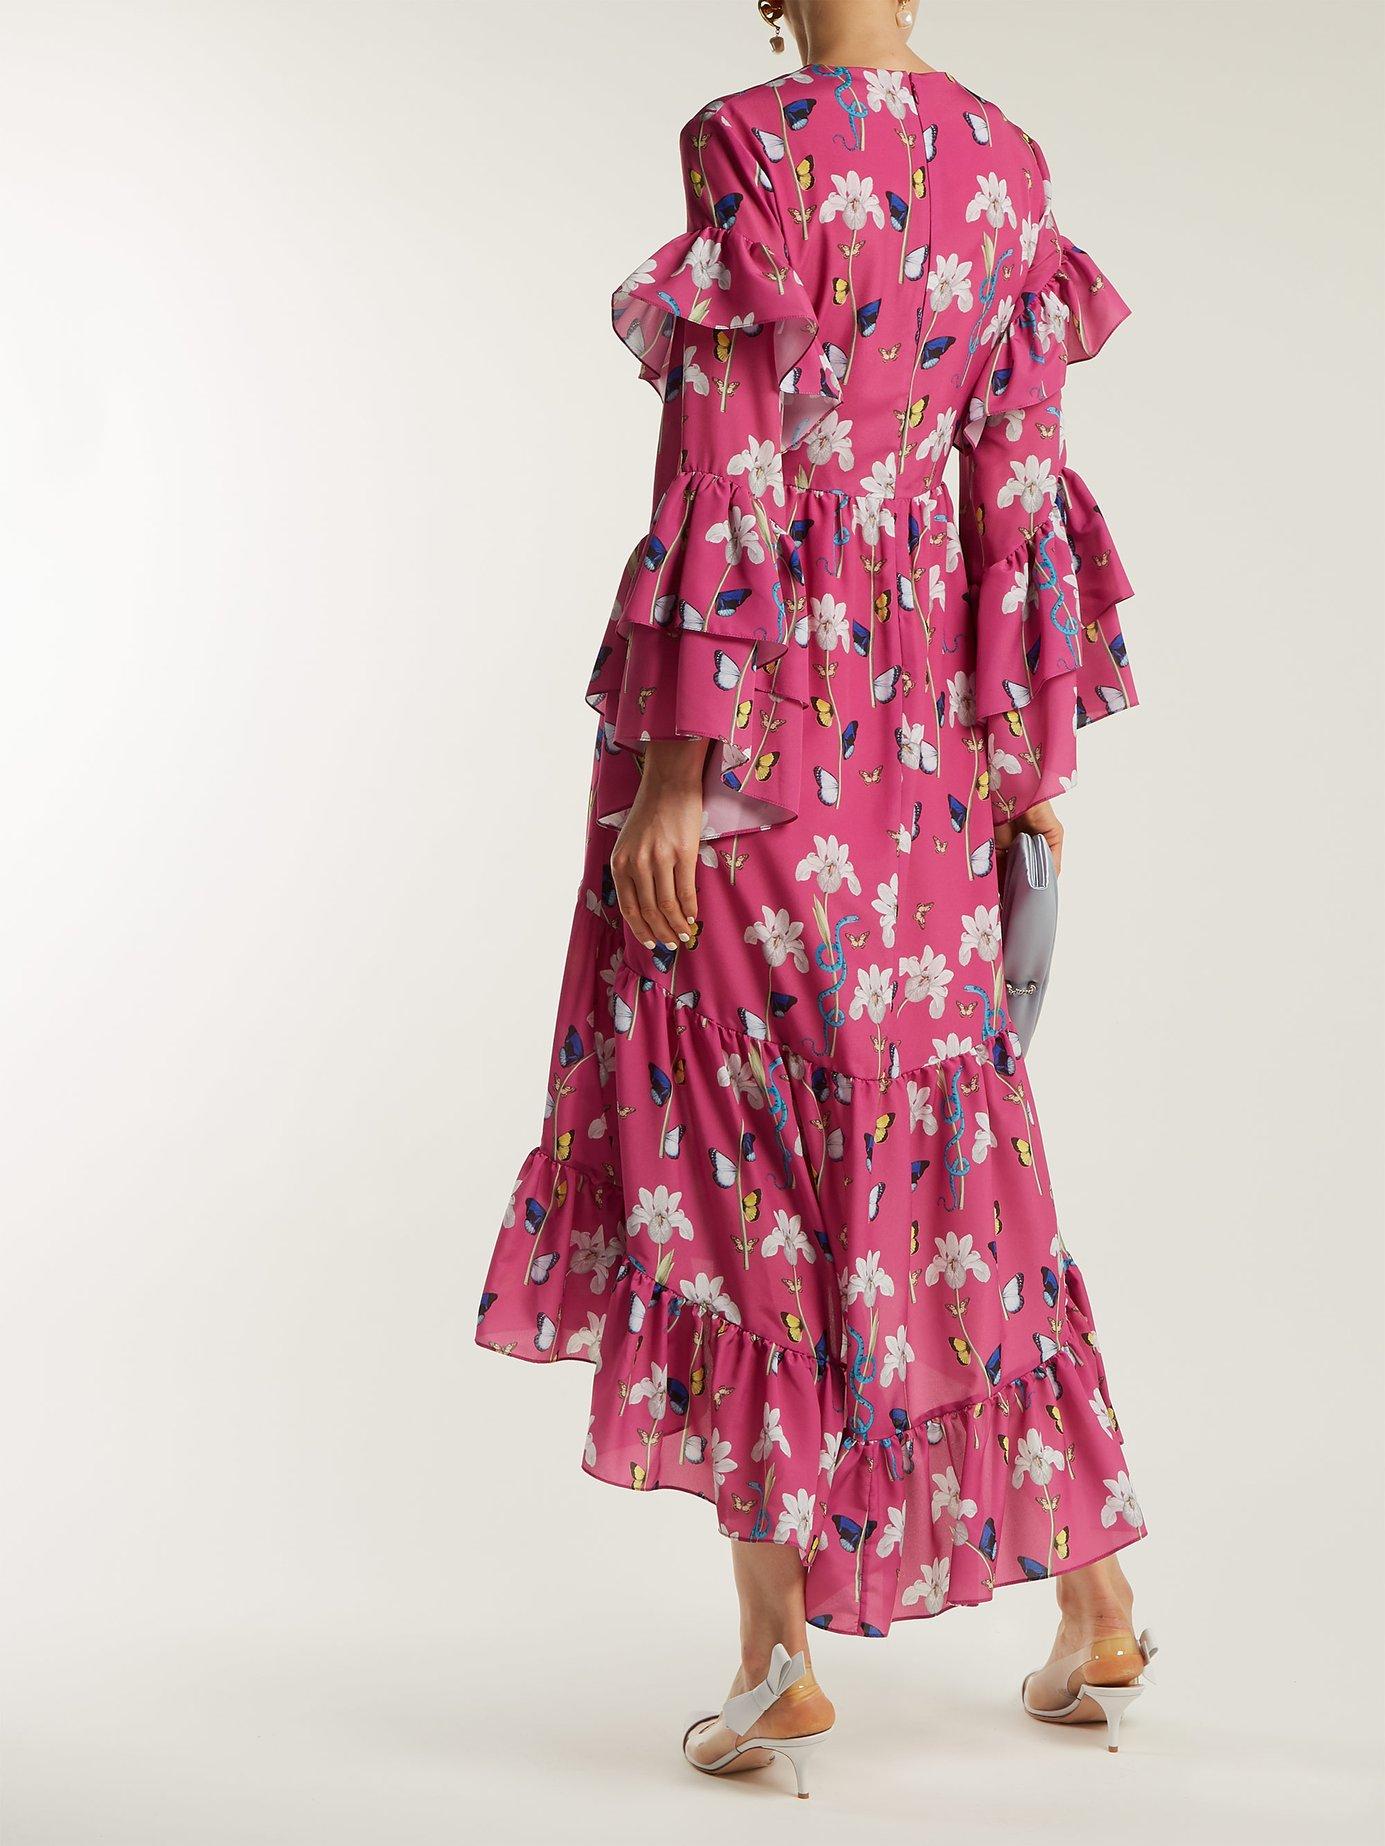 Luna crepe dress by Borgo De Nor